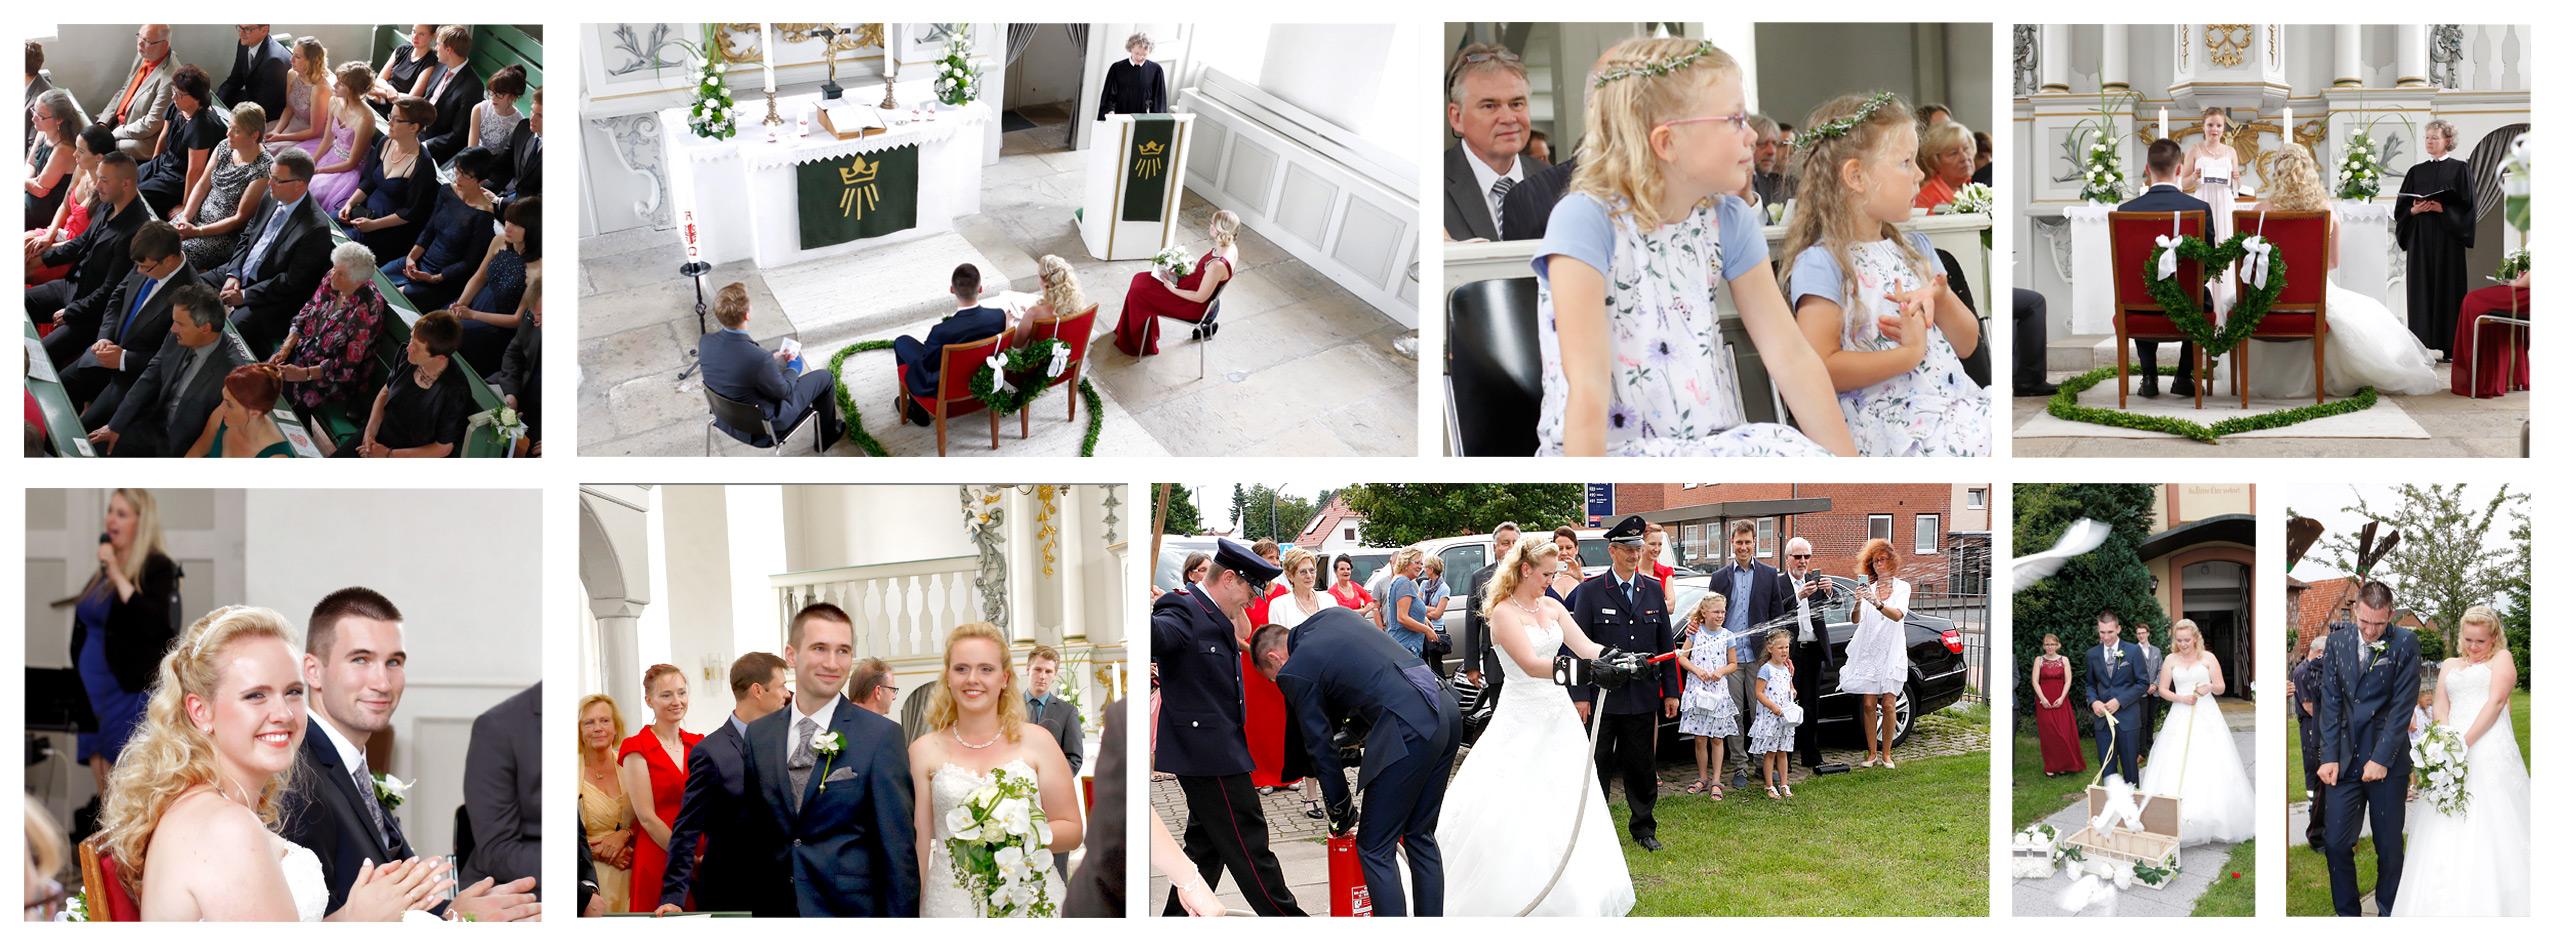 Wir fotografieren gerne Ihr Standesamtliche Hochzeitsreportage. Hier sehen Sie einen kleinen Auszug einer Hochzeitsreportage in Hannover. Fotografiert von Wedding-photography24.